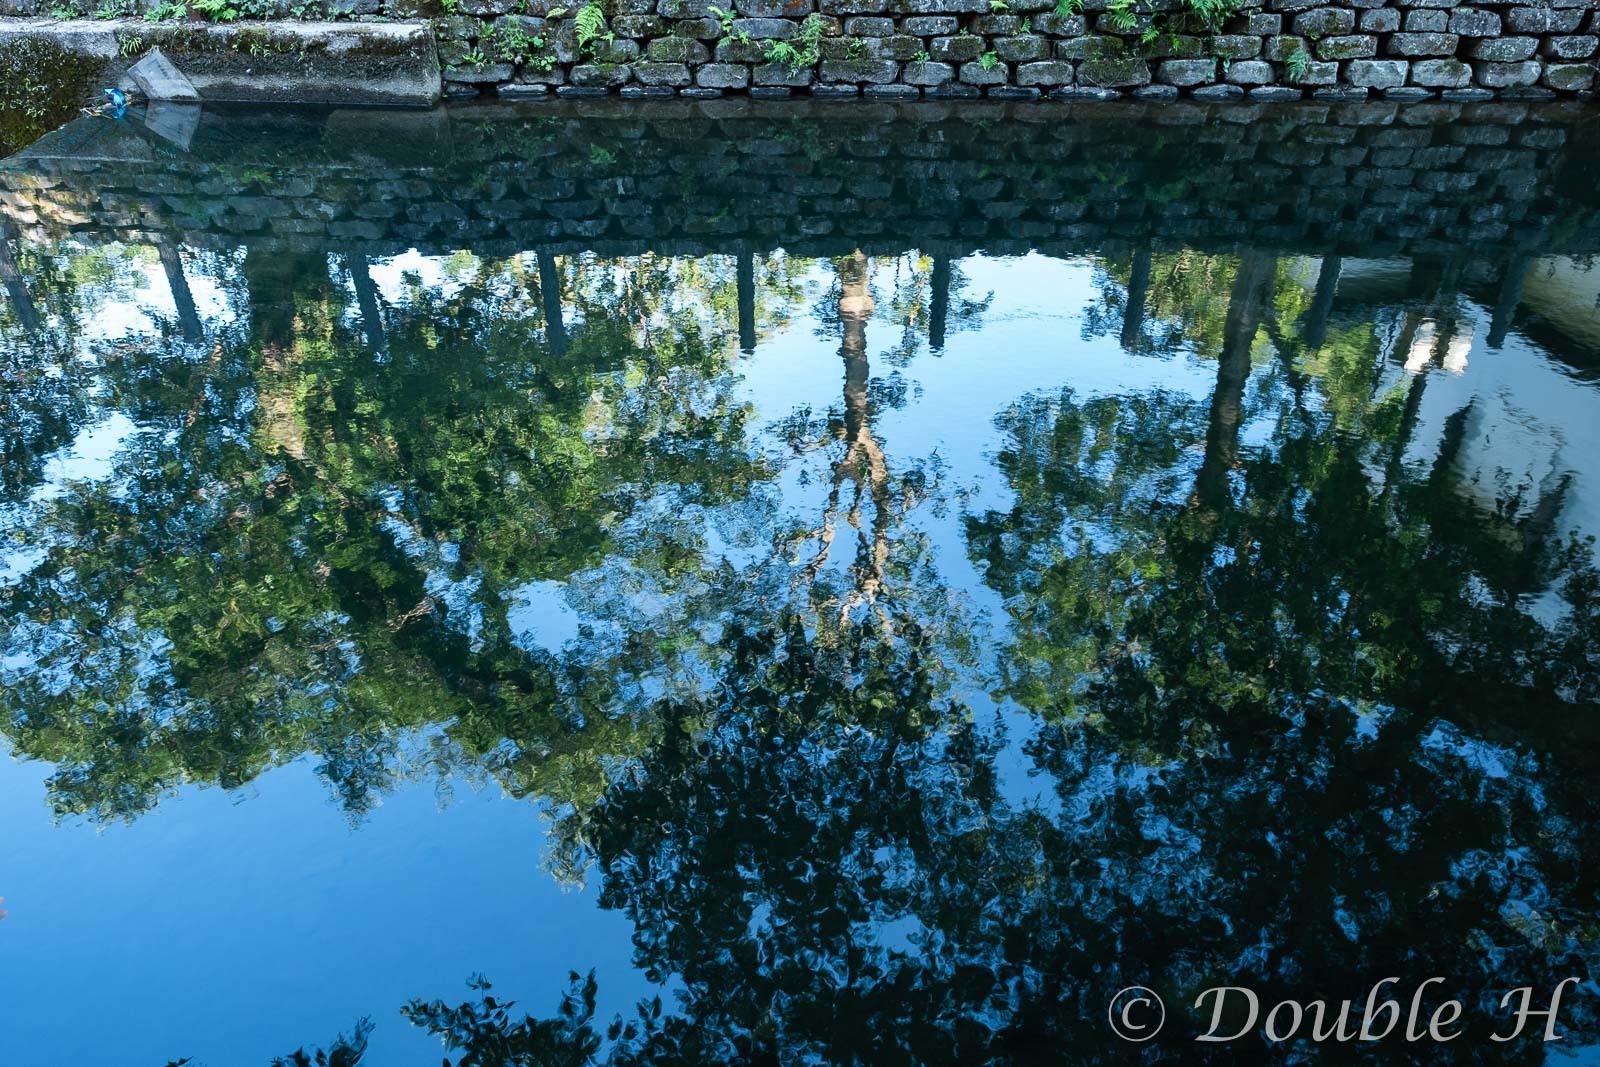 川面に映る街路樹_e0401296_18132241.jpg